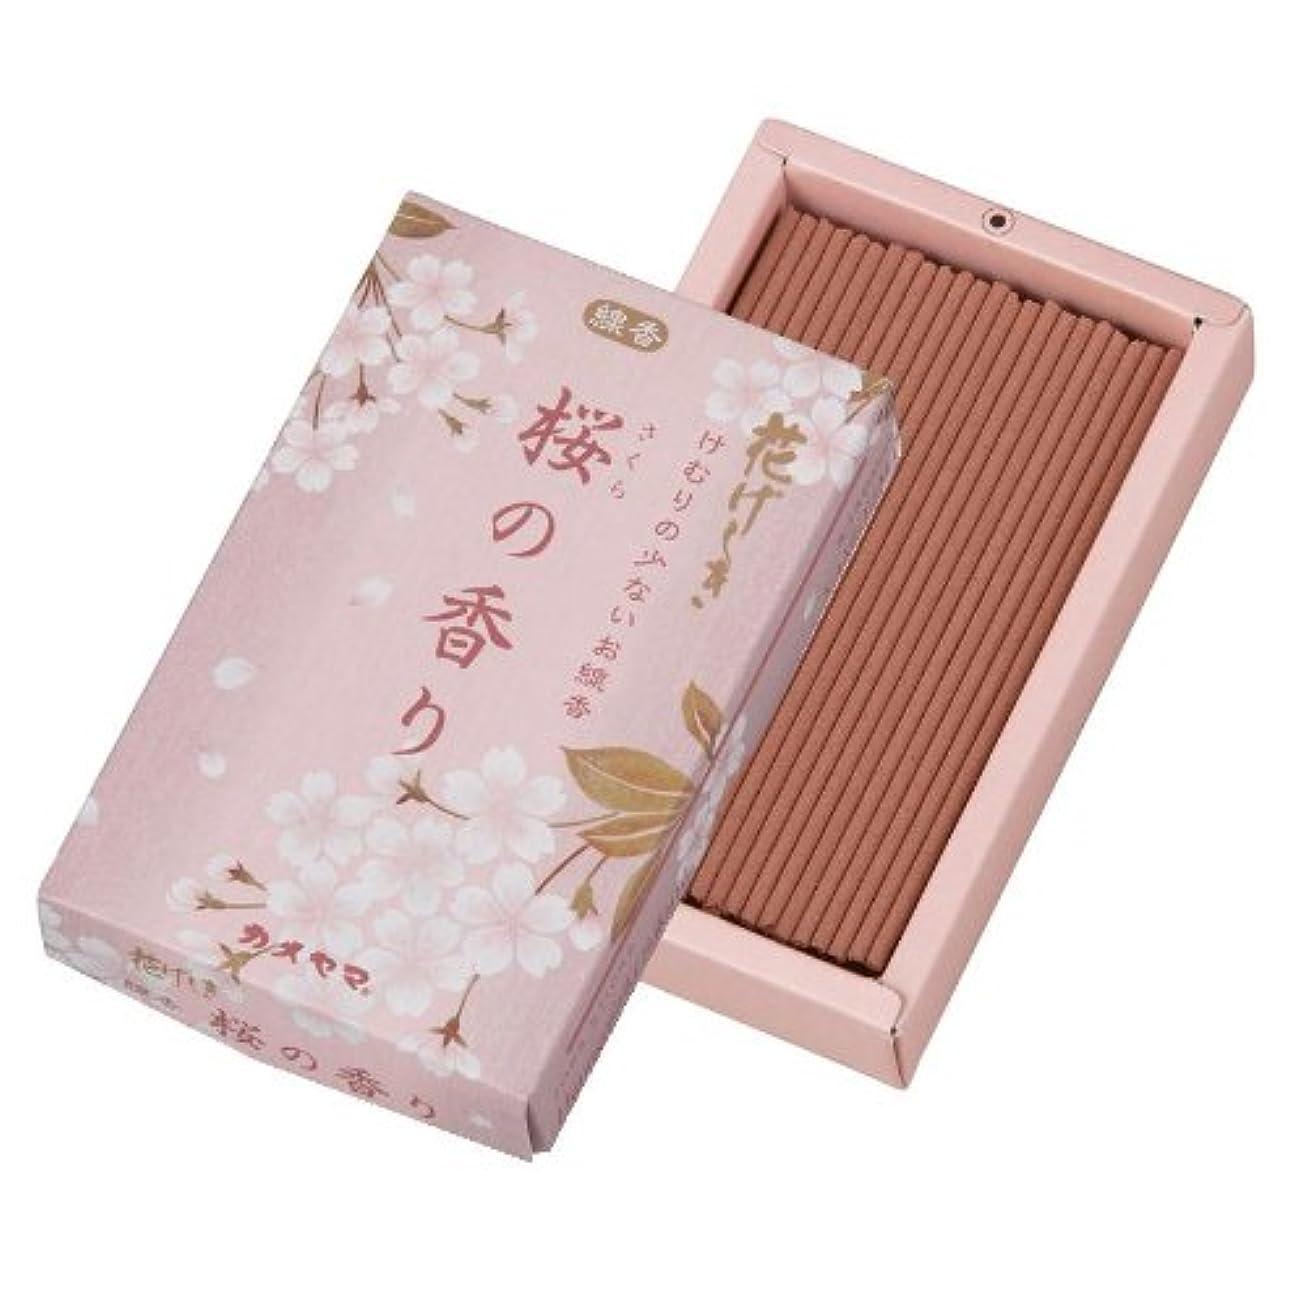 鍔大声でマーチャンダイザー花げしき 桜の香りミニ寸 50g